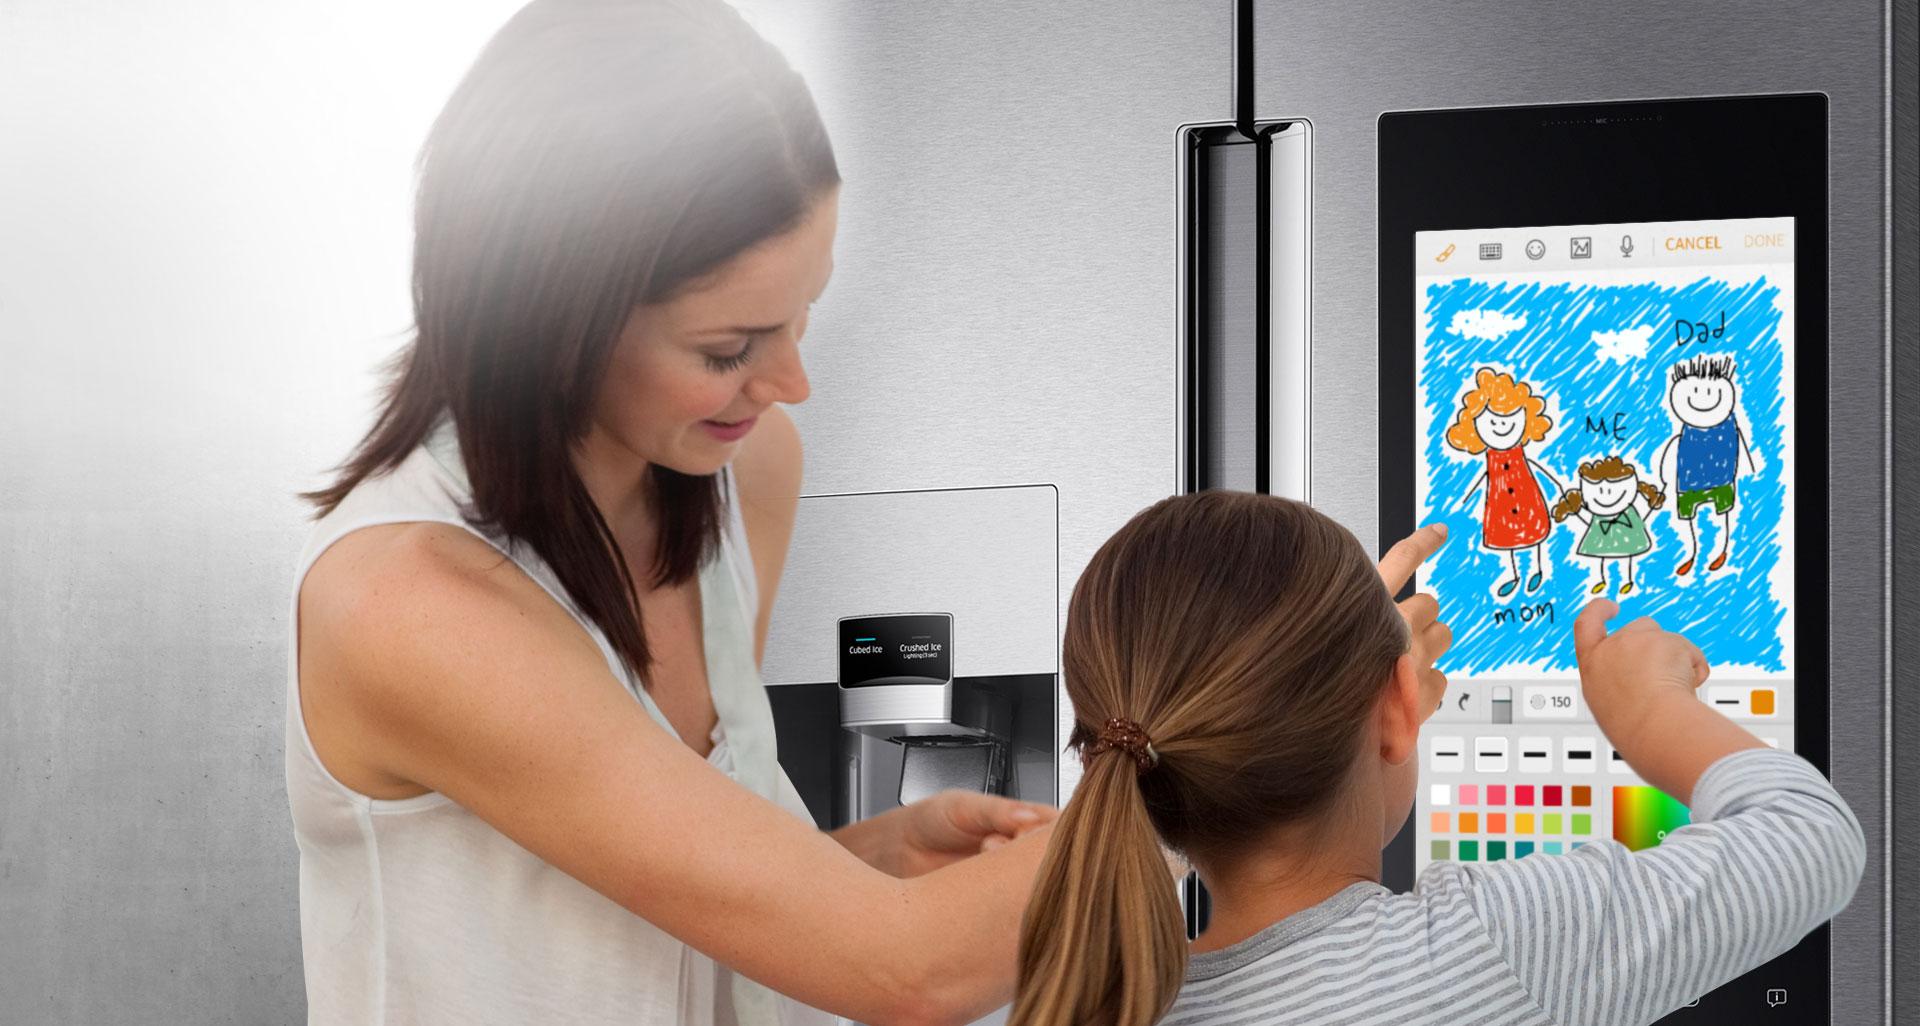 Il protagonista del frigorifero FamilyHub è il display touch Full HD da 21,5 pollici che permette ad esempio di ascoltare playlist musicali, programmi radio e guardare la TV. Lo schermo si può usare anche come lavagna digitale sulla quale scrivere, disegnare, postare foto o condividere i propri impegni con il resto della famiglia